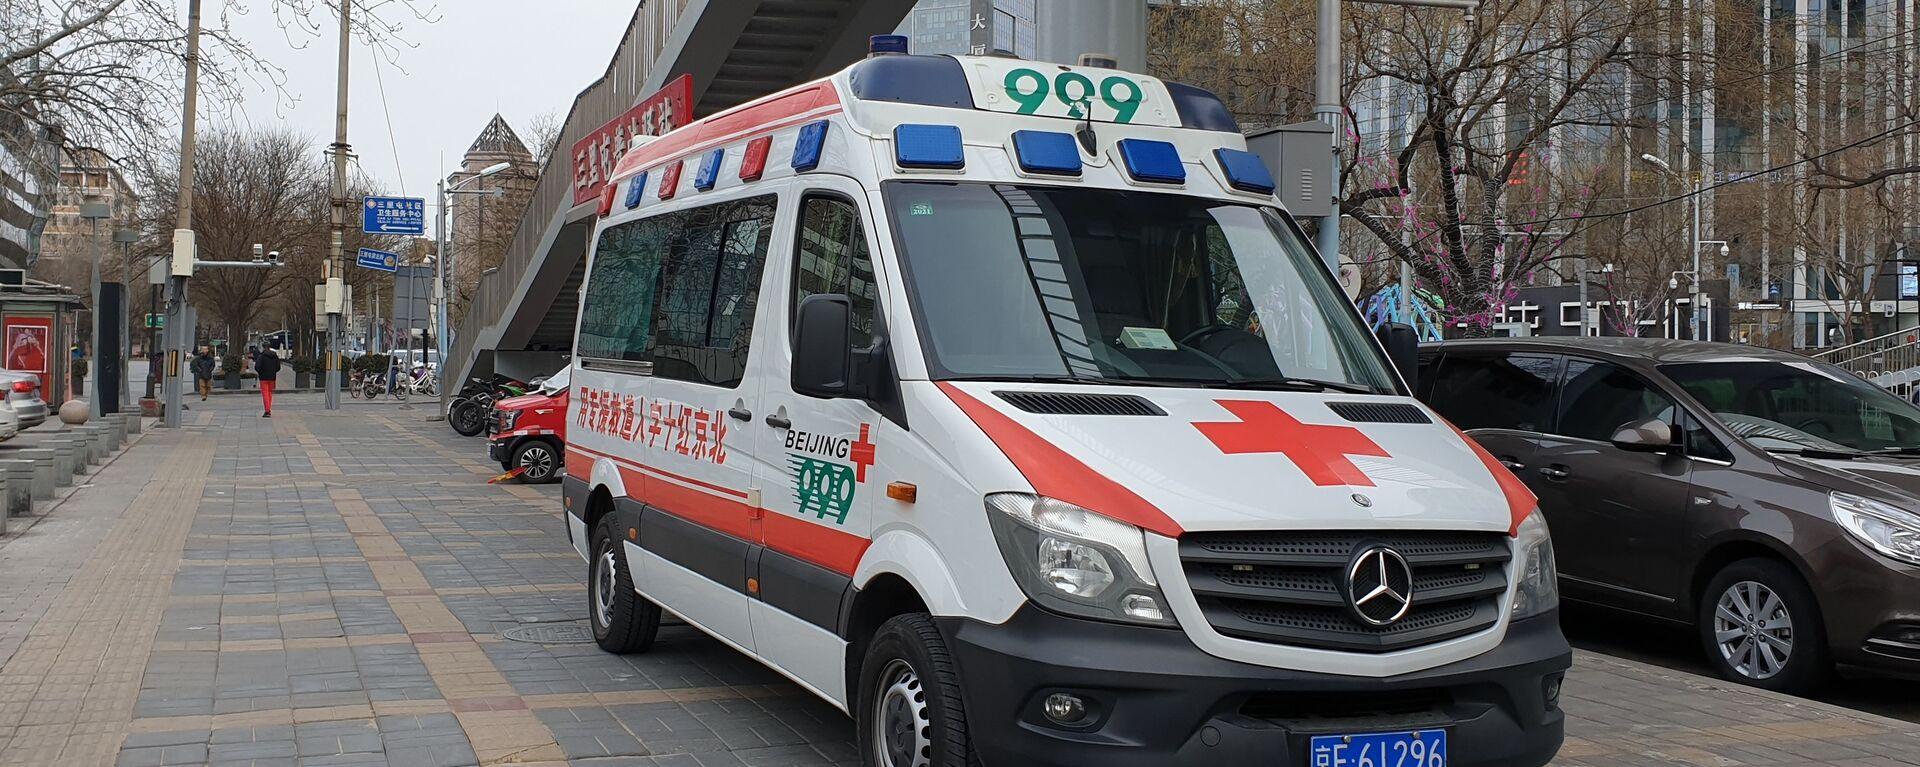 Ambulanza a Pechino - Sputnik Italia, 1920, 01.08.2021